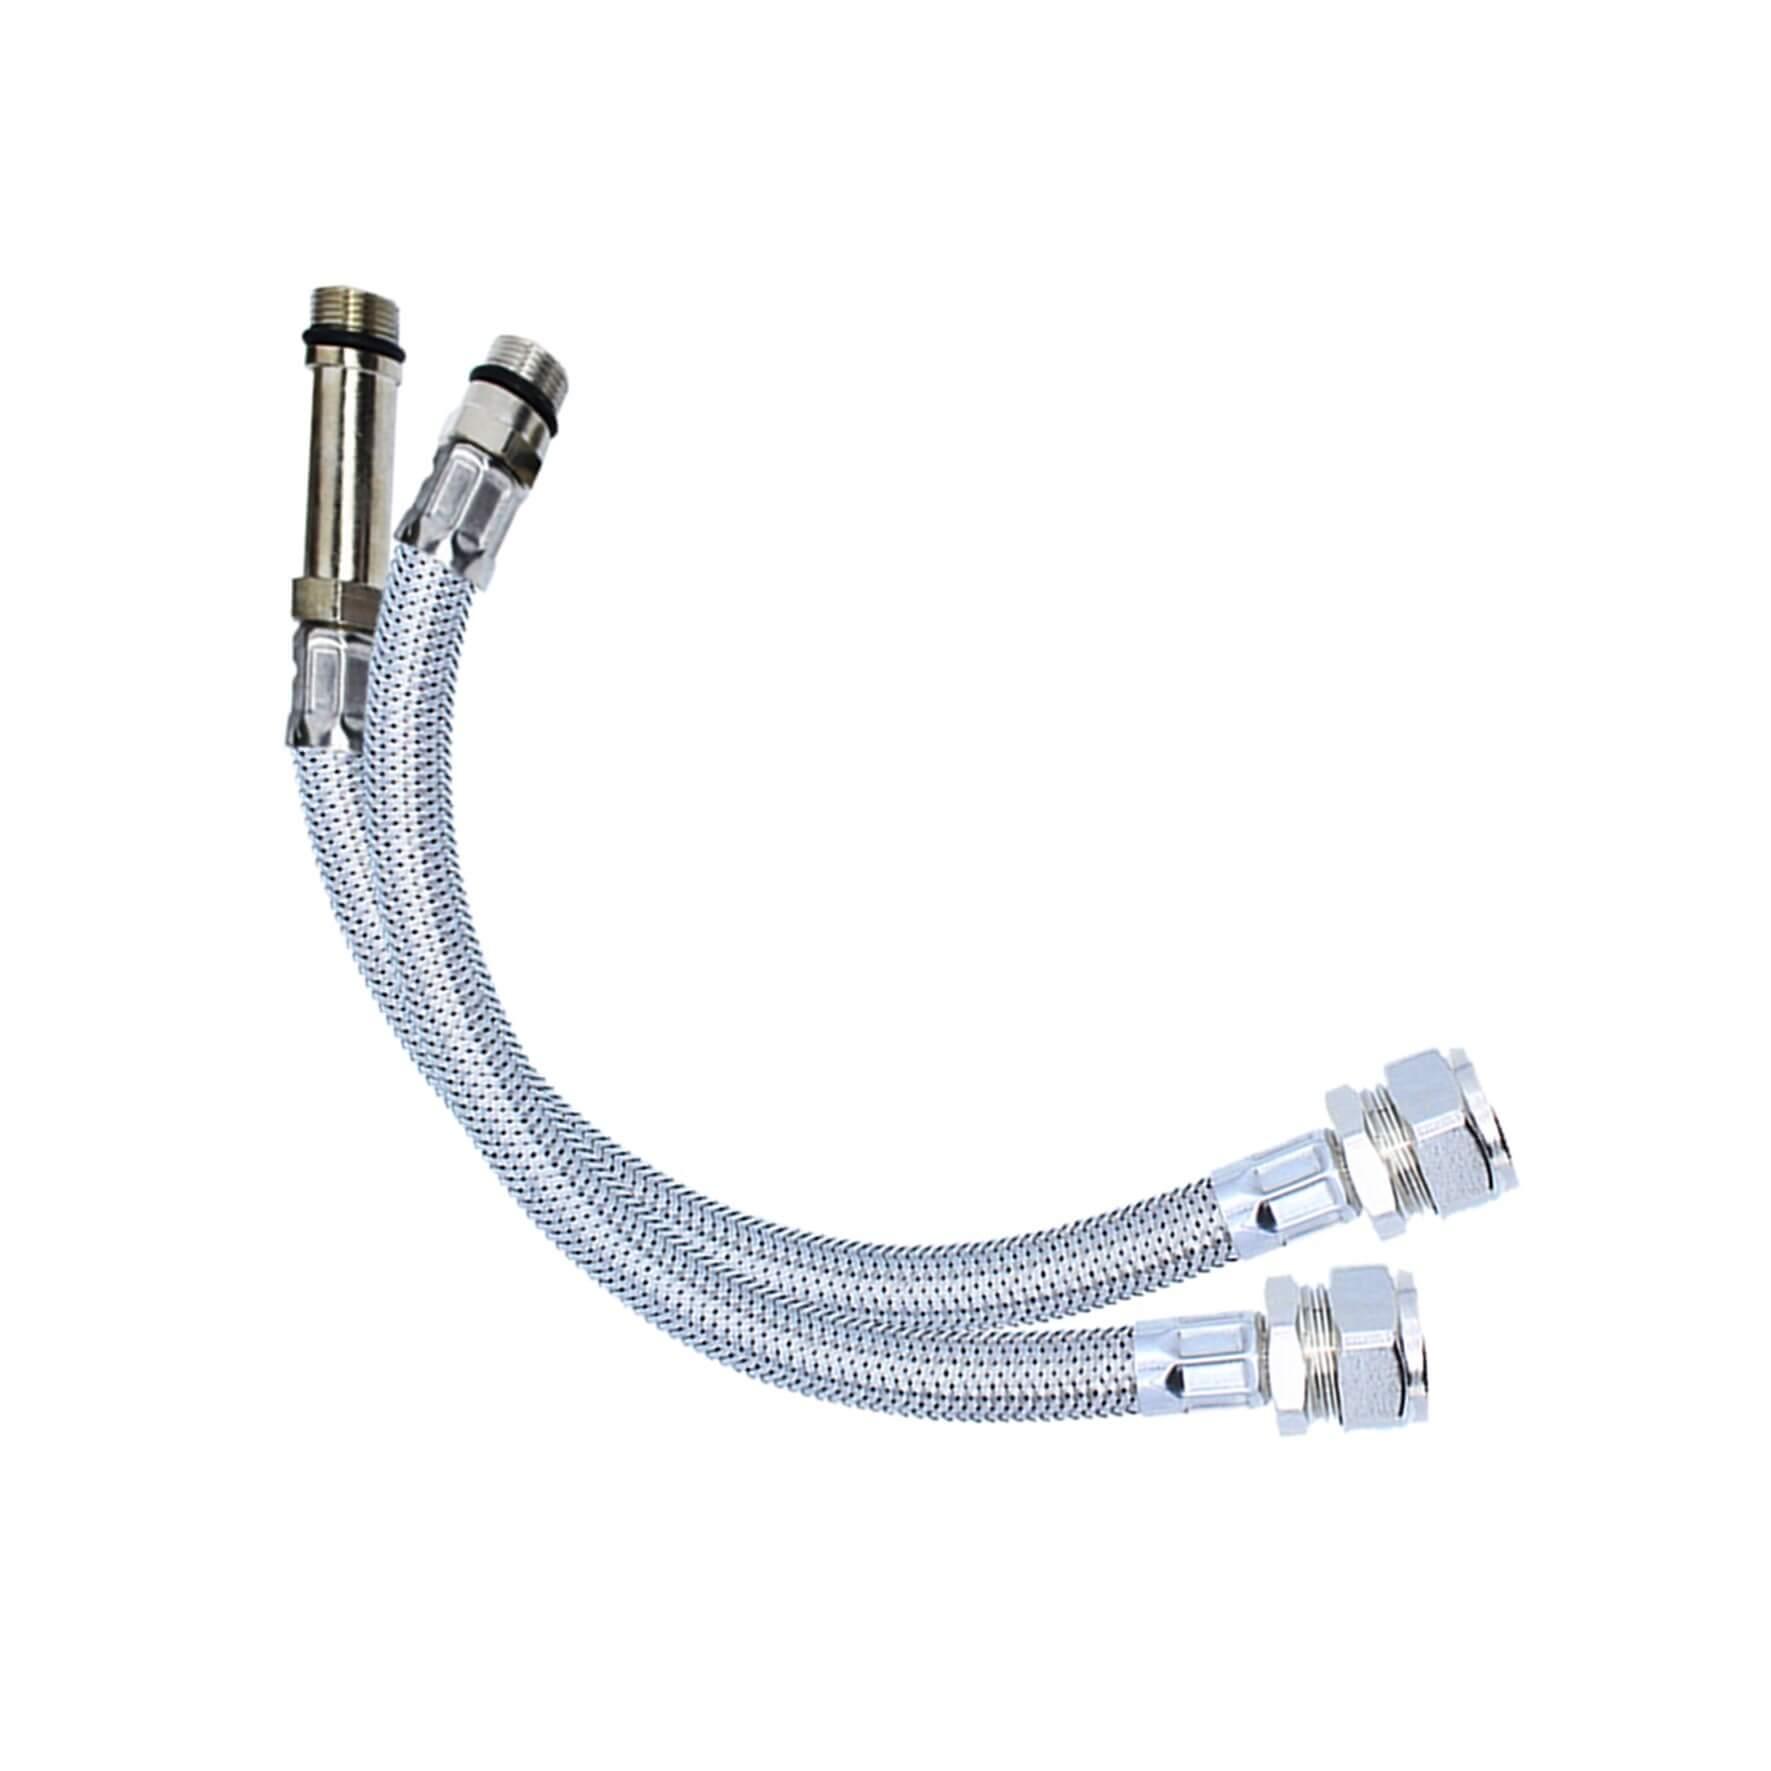 Viva M12 Flexible Tap Connector 300mm SSH8